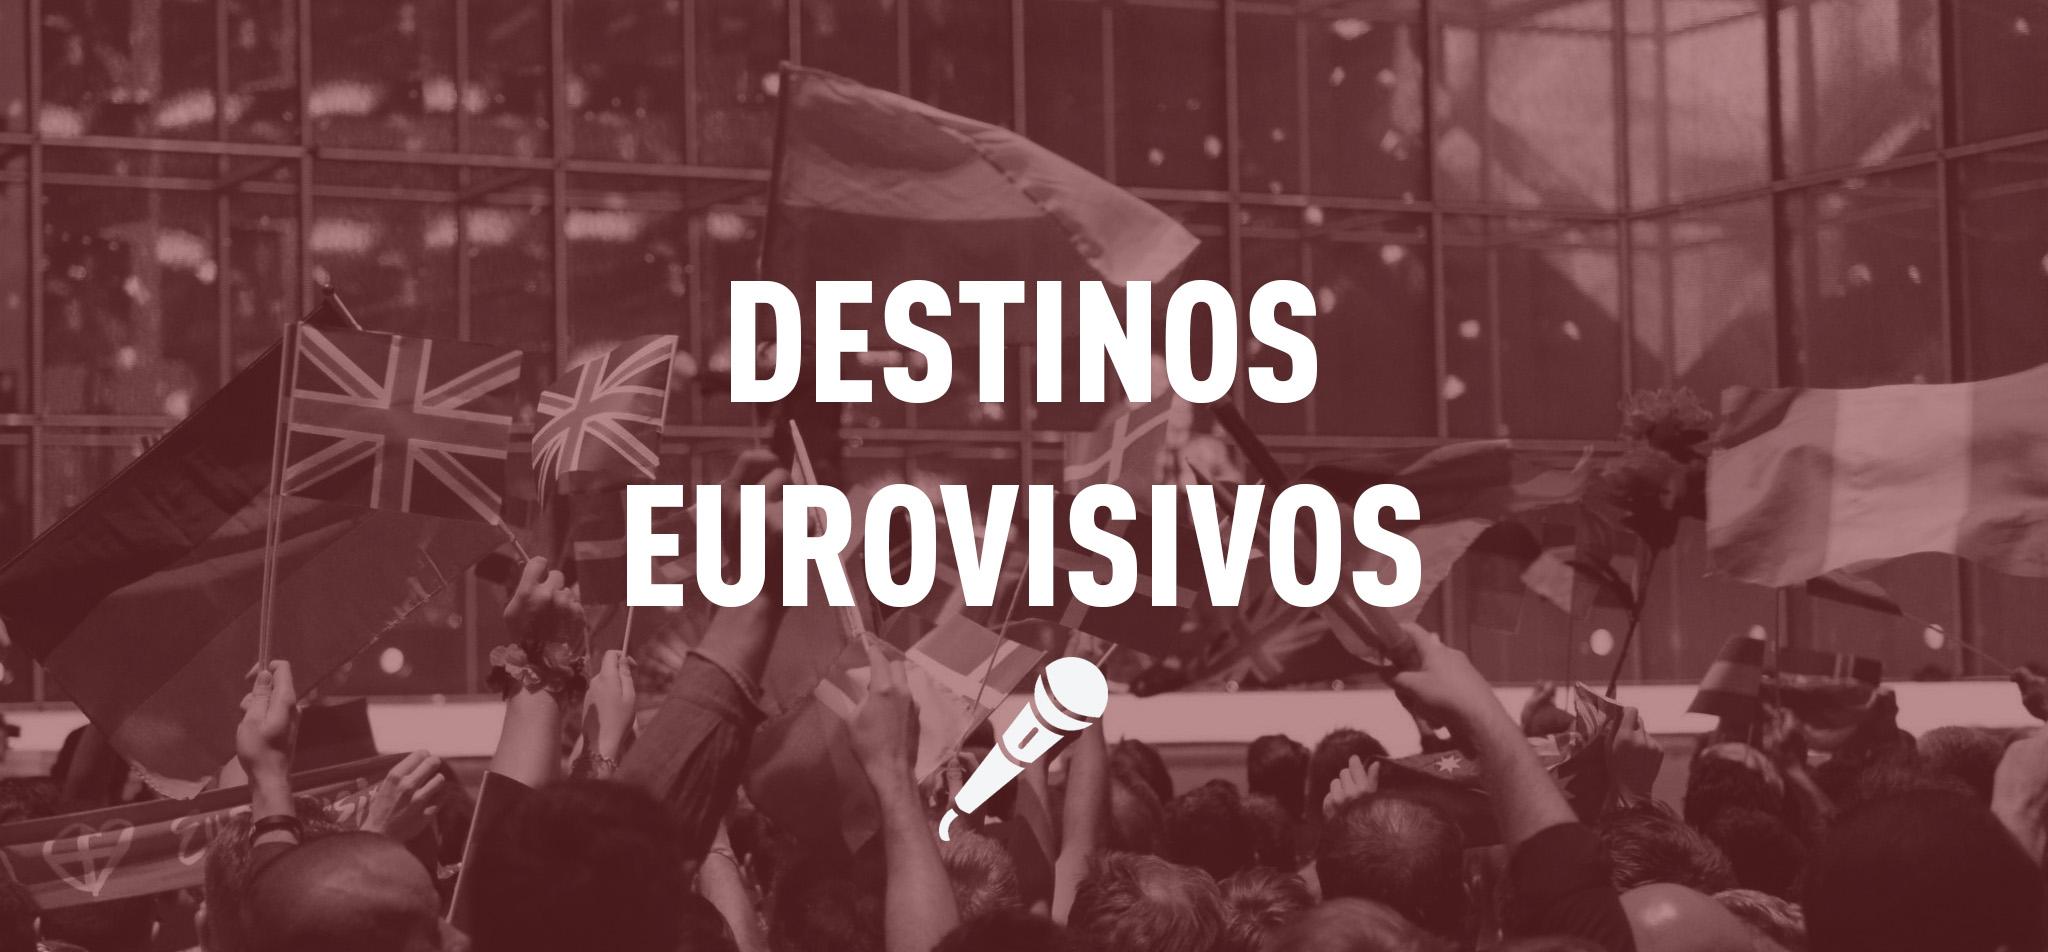 De Eurovisión al mundo: 8 destinos de magia y música